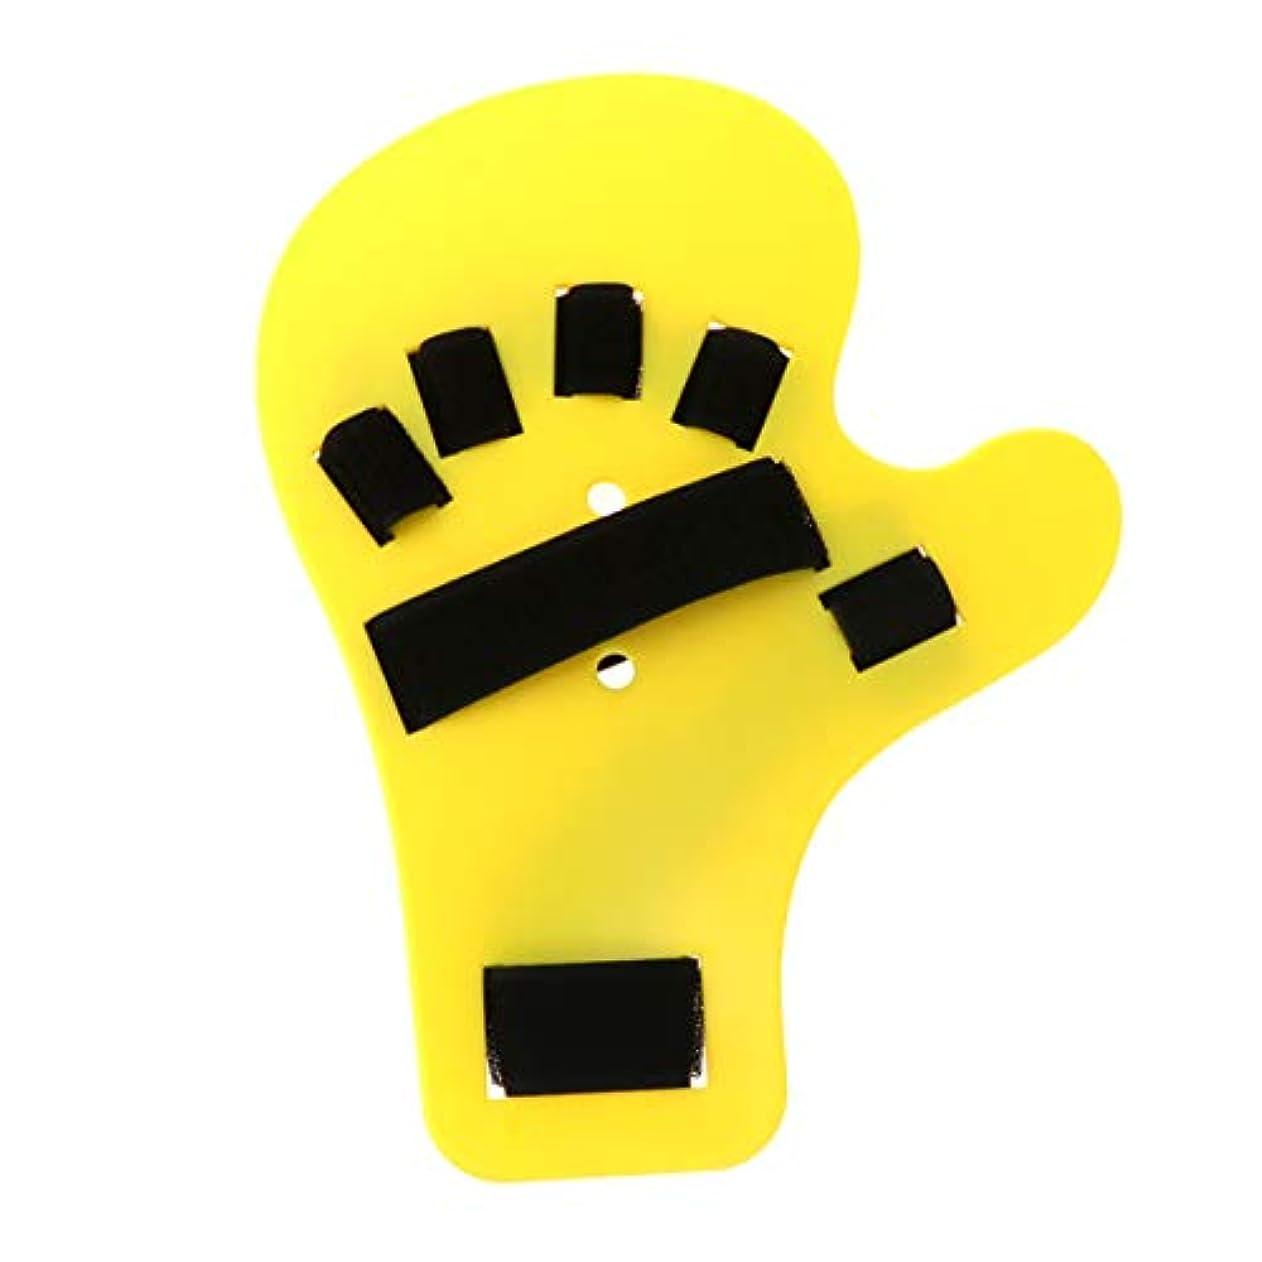 勇者シンプルな大量SUPVOX 指装具指板ストロークハンドスプリントトレーニングサポートハンド手首トレーニング右手用装具デバイス